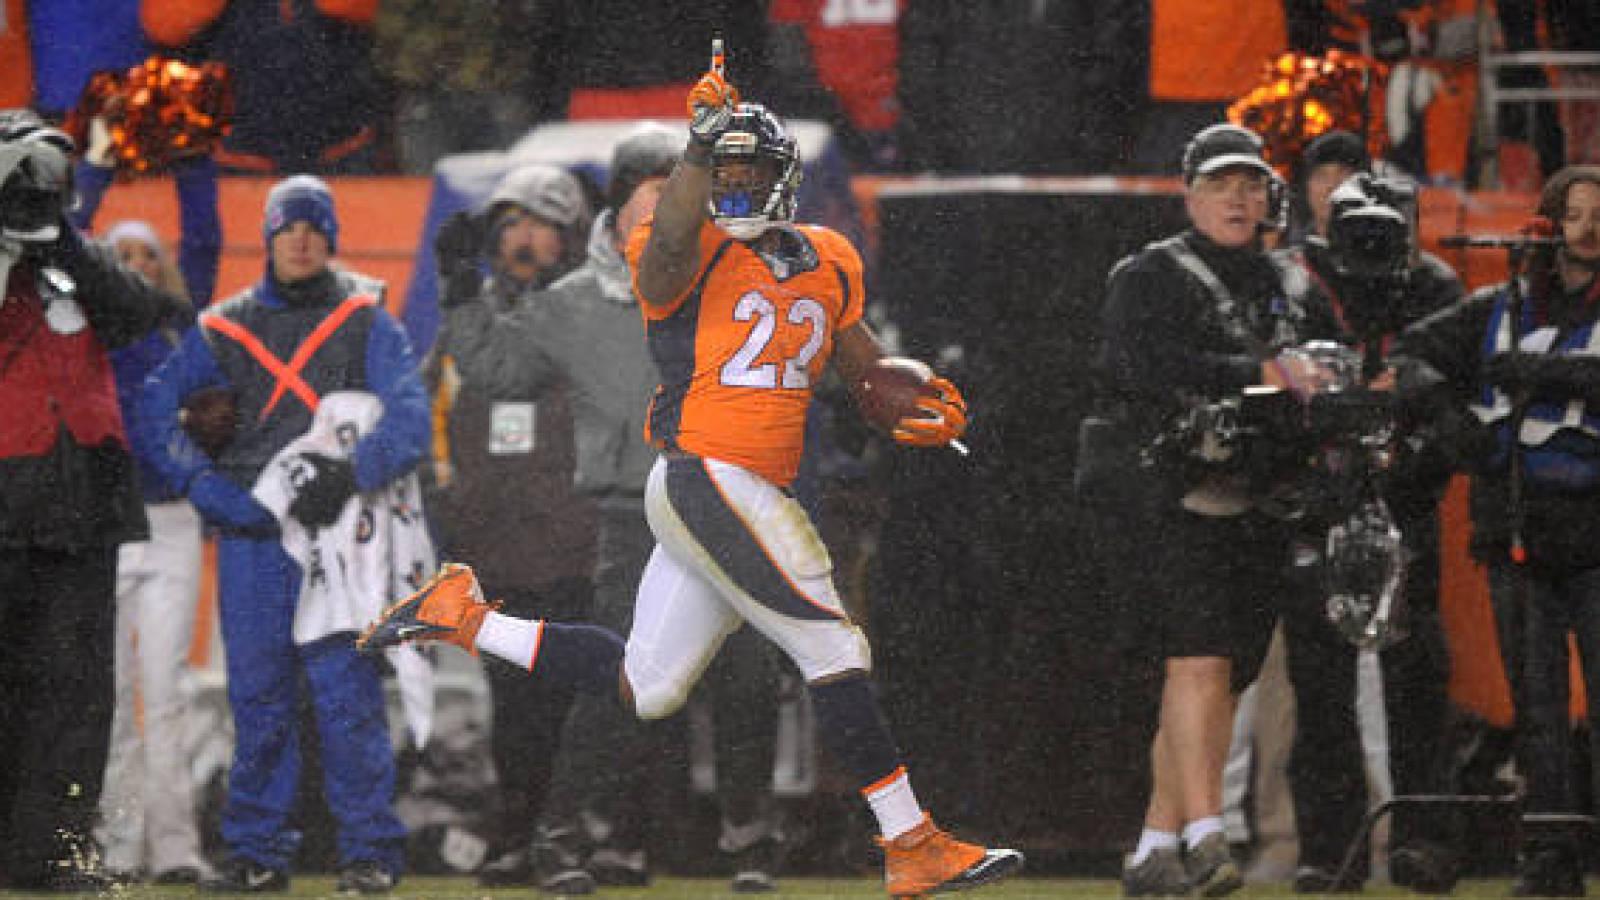 C.J. Anderson's revival could reignite Broncos' Super Bowl hopes